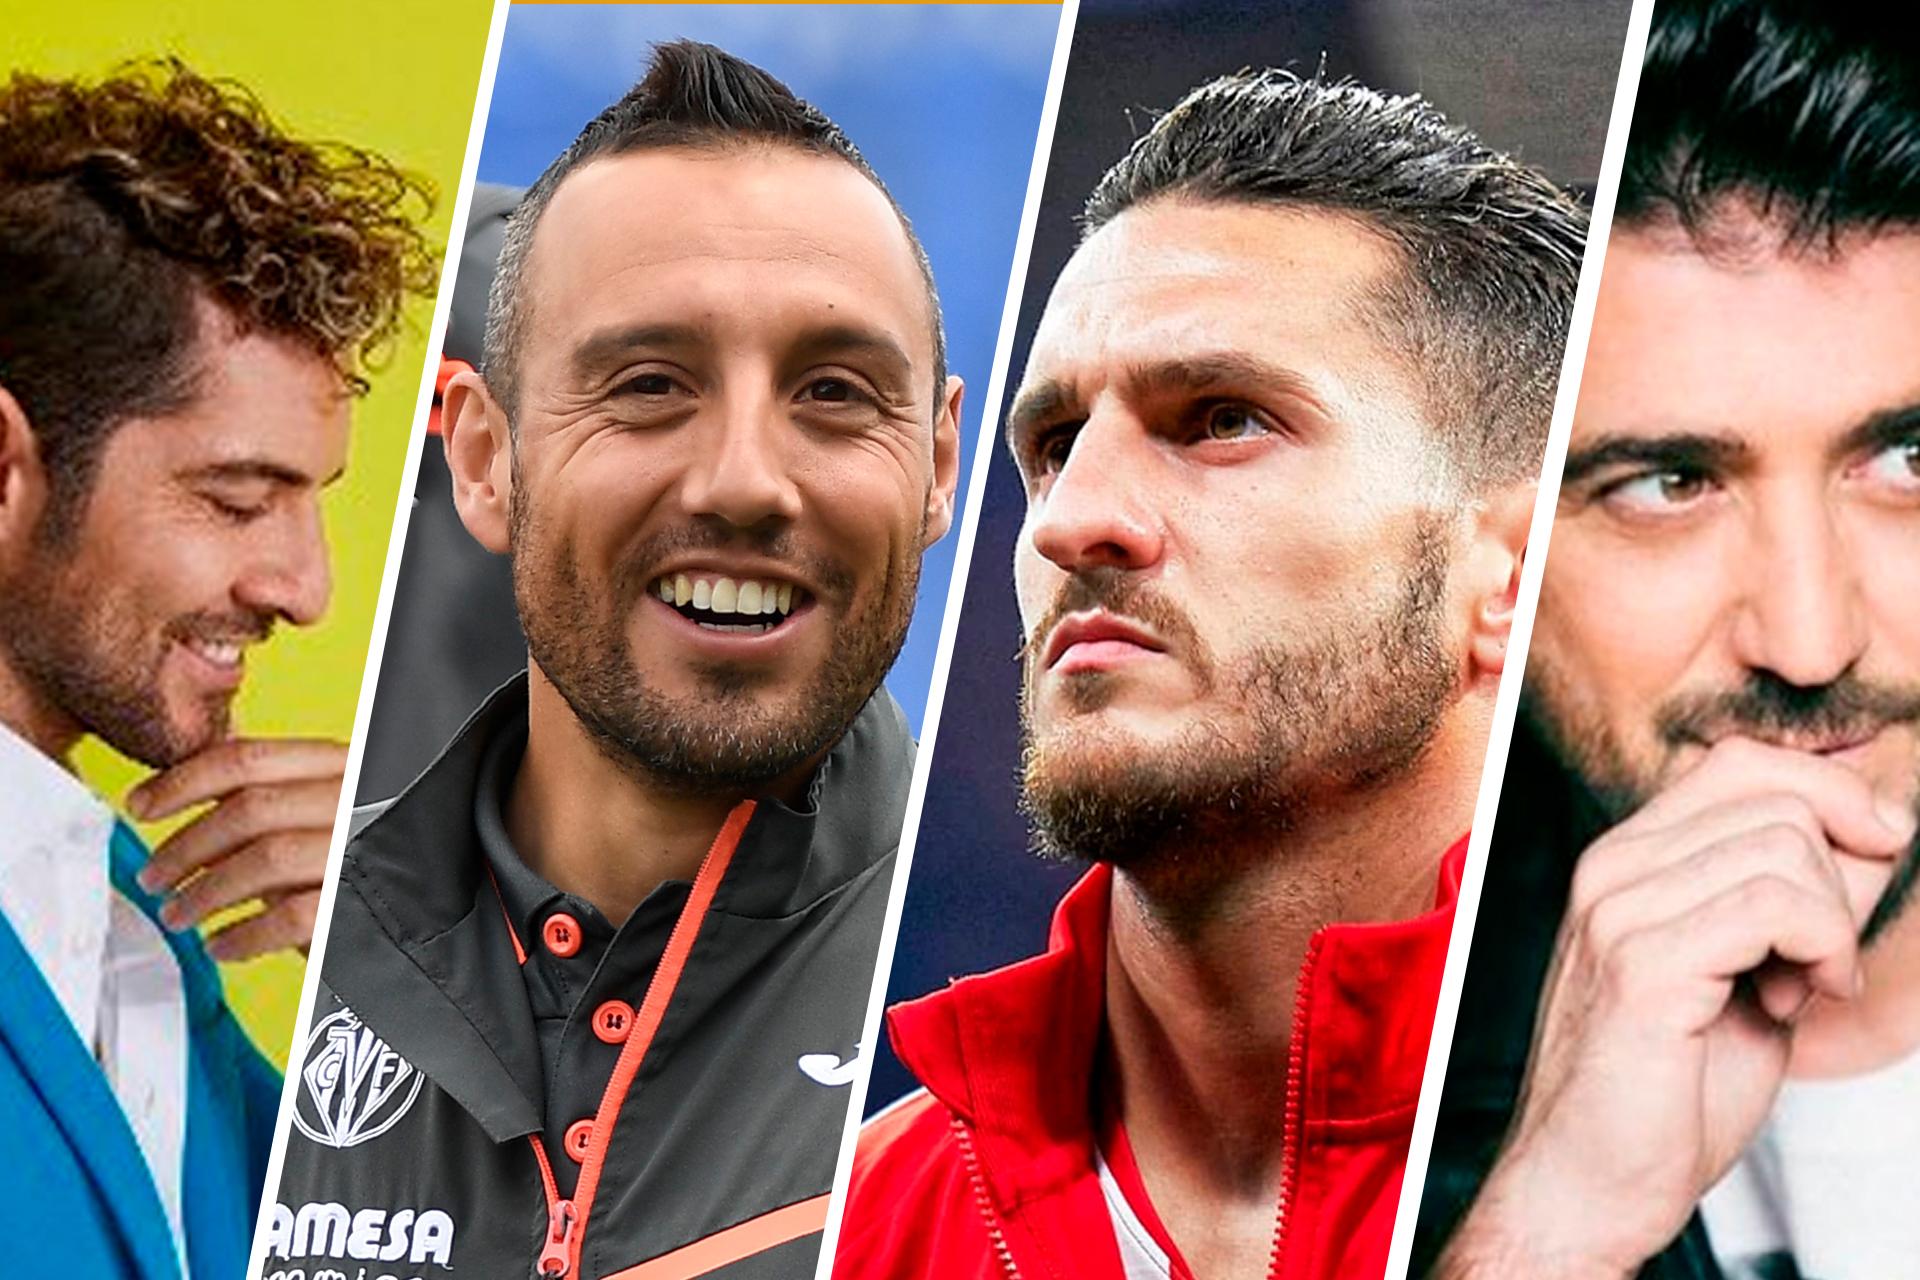 Futbolistas y cantantes, unidos en un macroconcierto frente al coronavirus